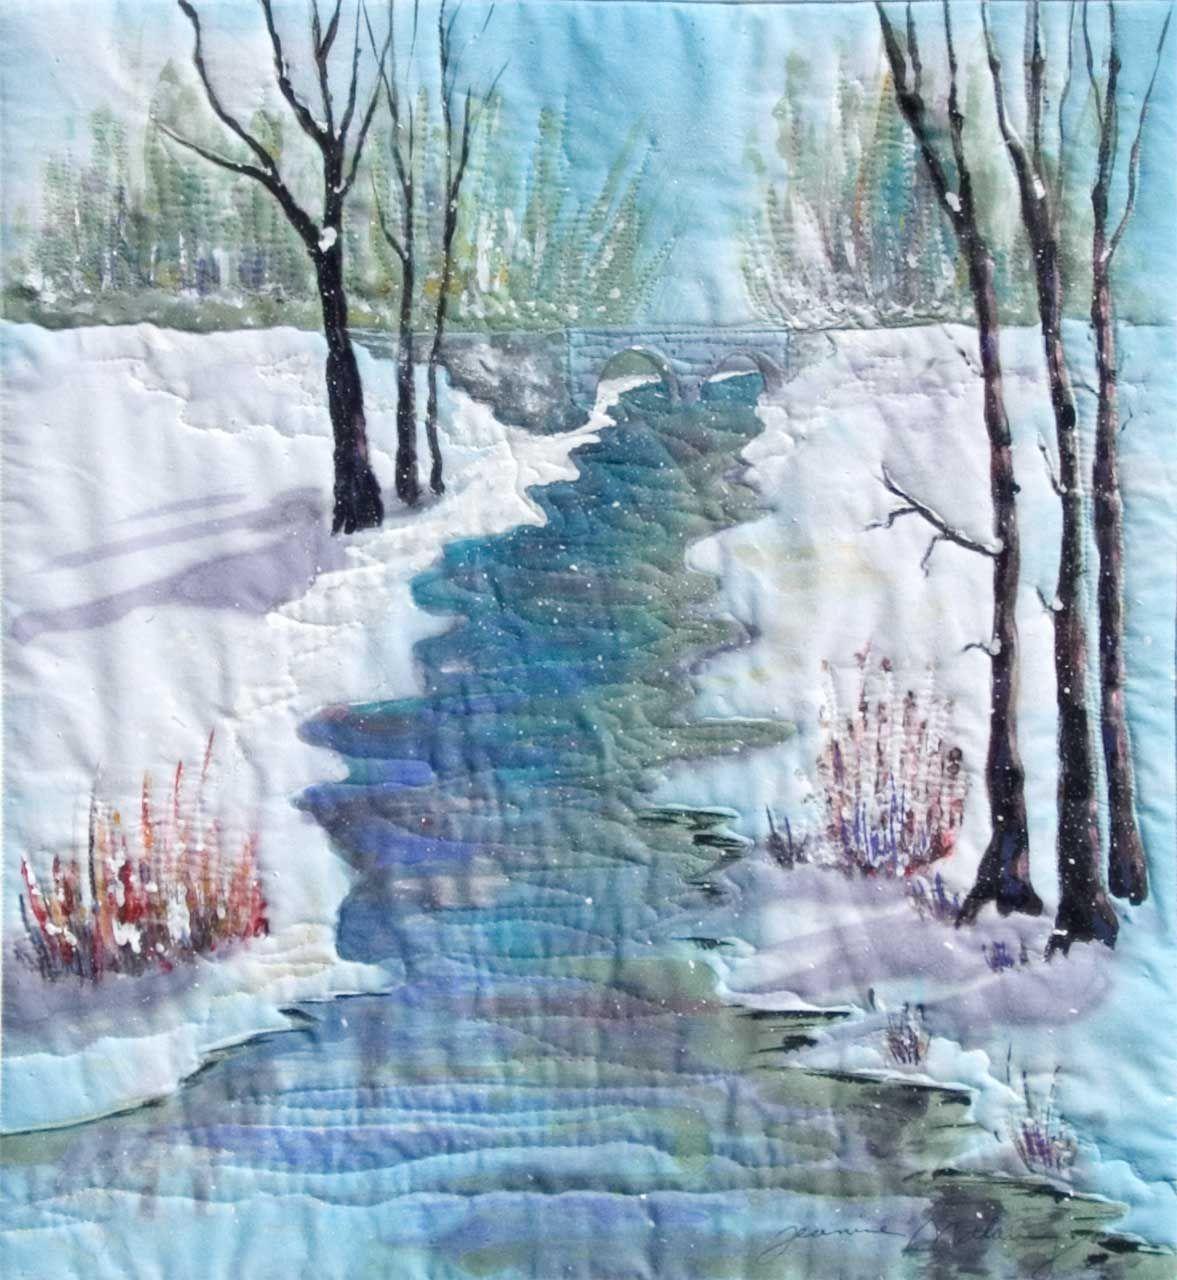 Winter QuietWatercolor Landscape quilt. Fabric art quilting is my ... : landscape quilting fabric - Adamdwight.com